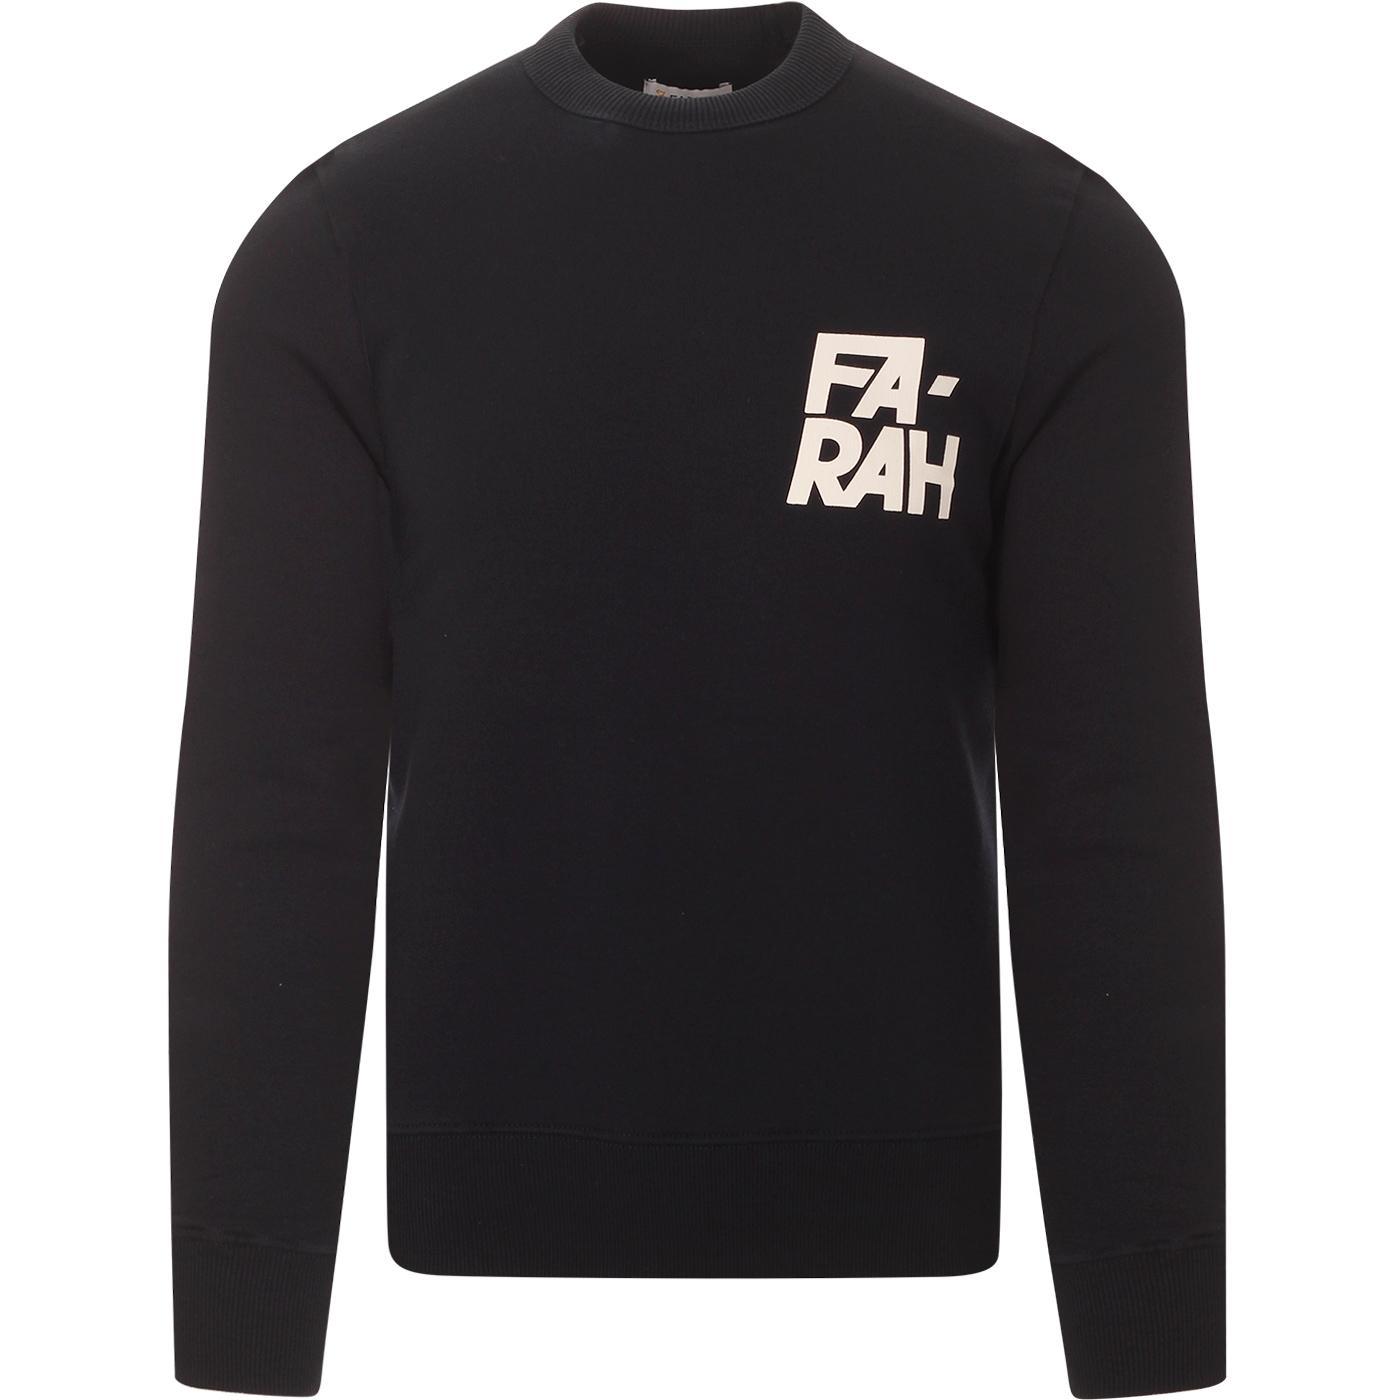 Gleason FARAH Retro Archive Logo Sweatshirt (TN)